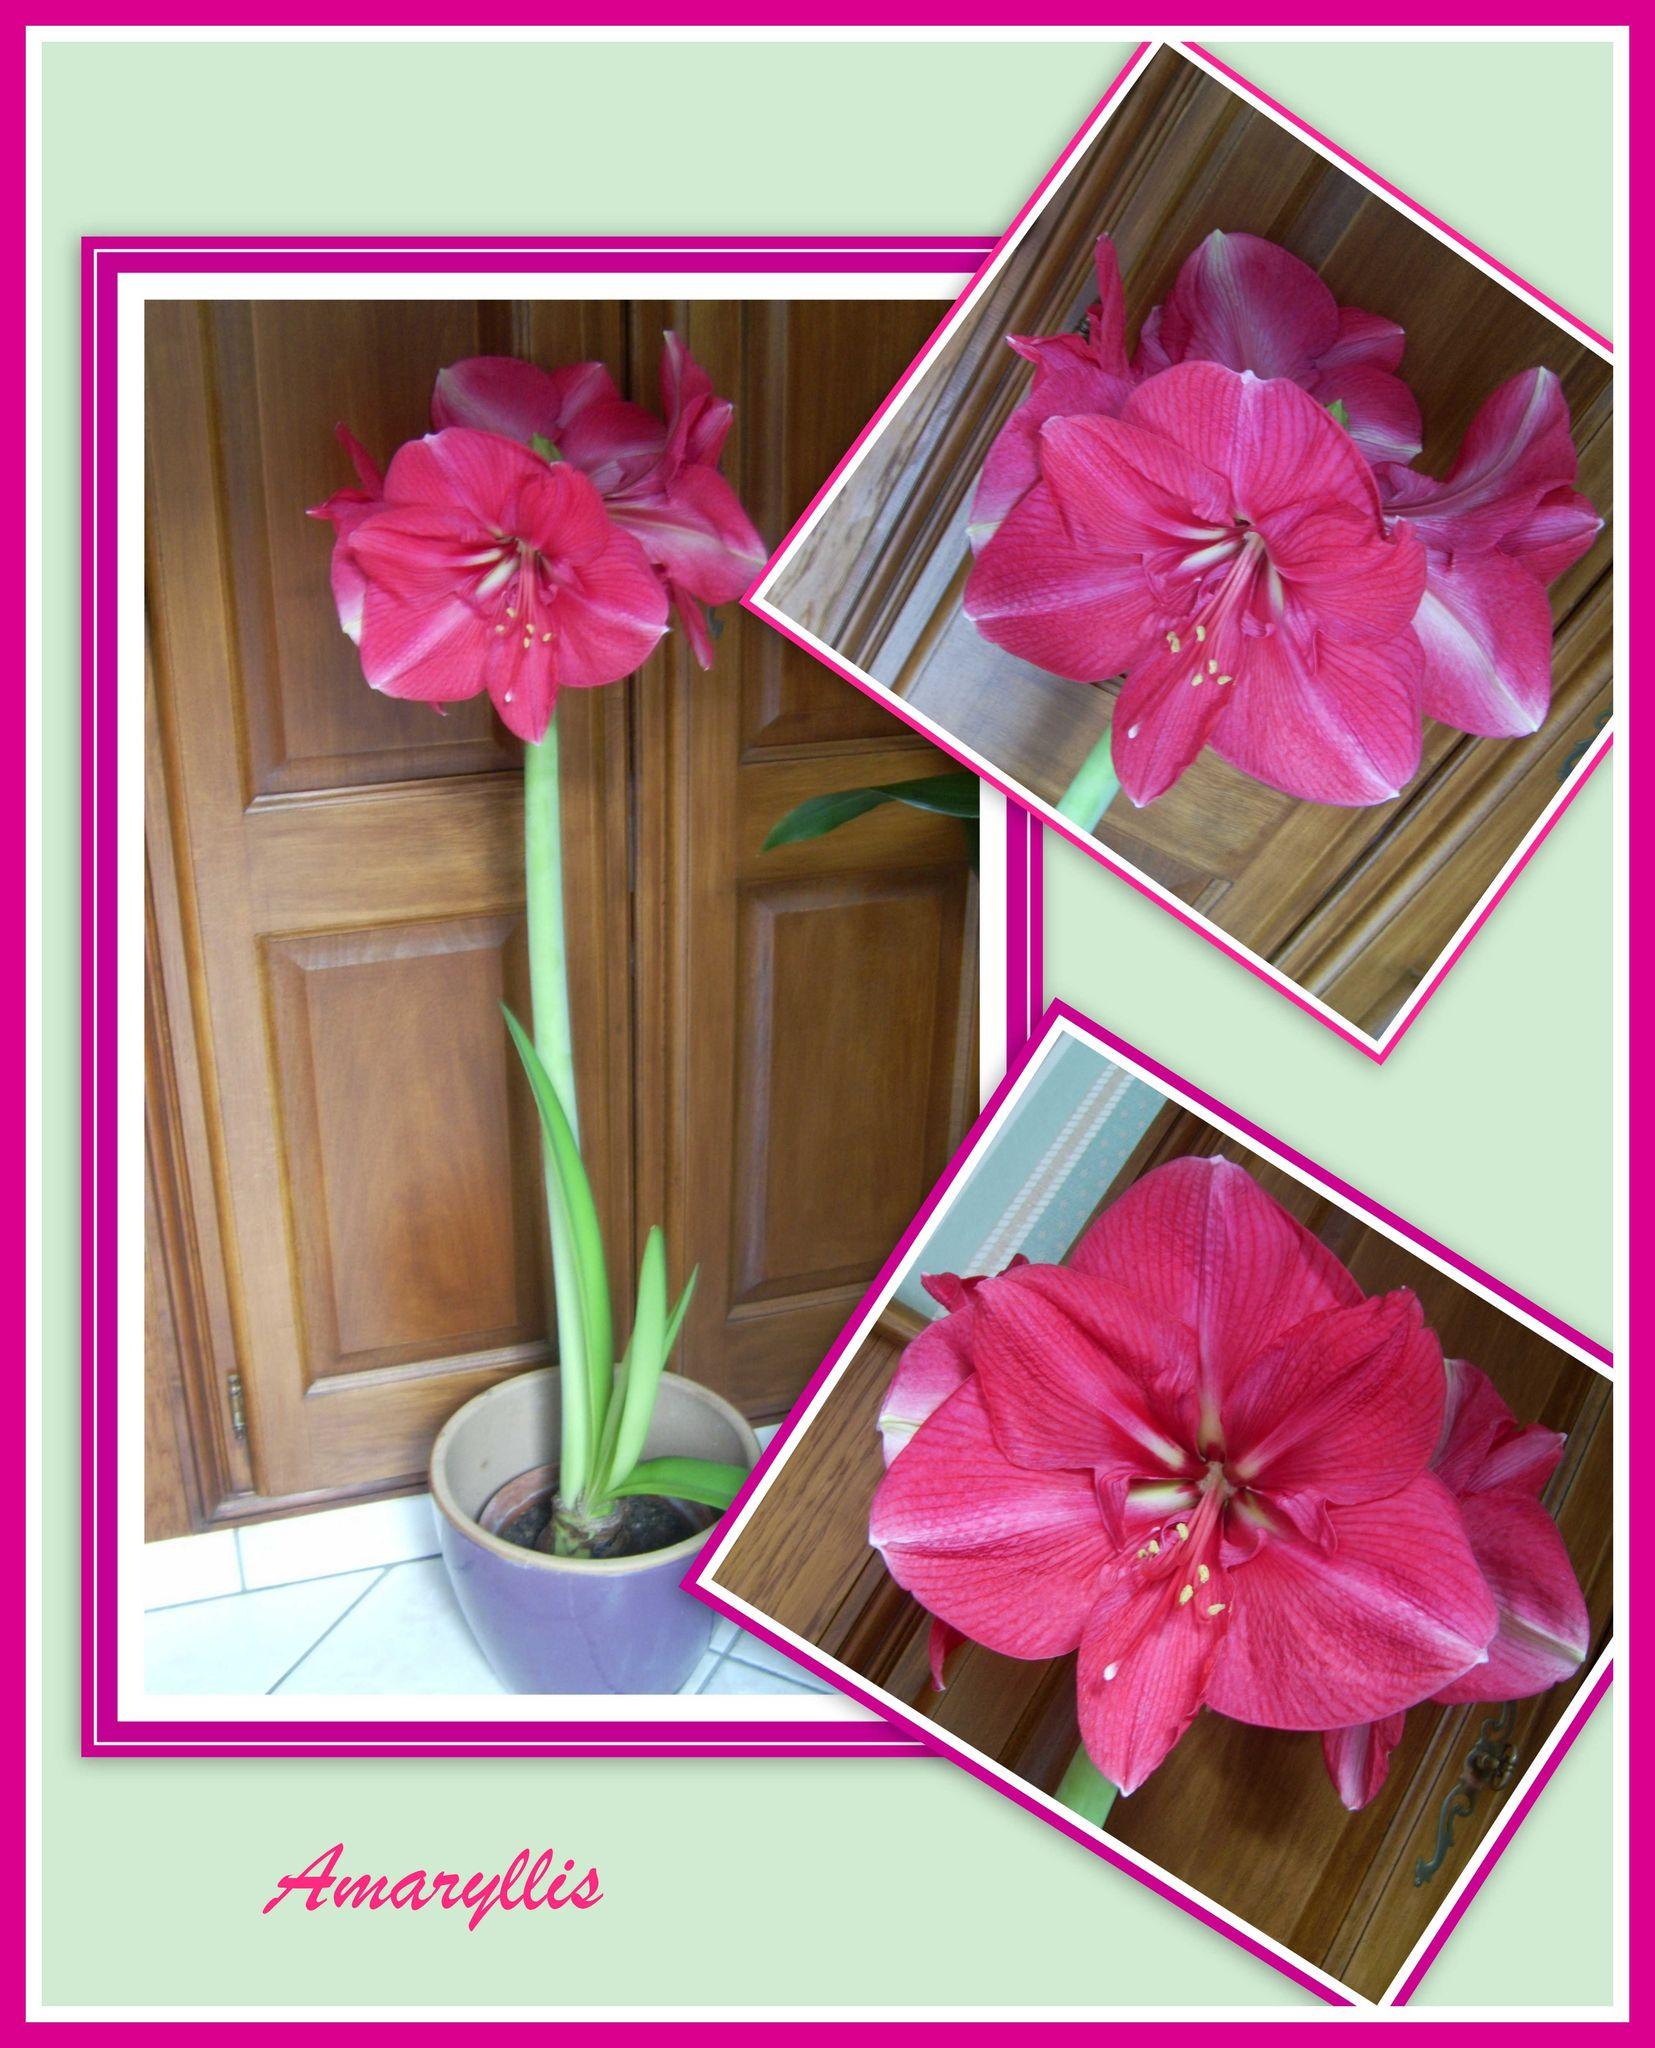 Cadeaux les passions de mam 39 france for Oignon amaryllis